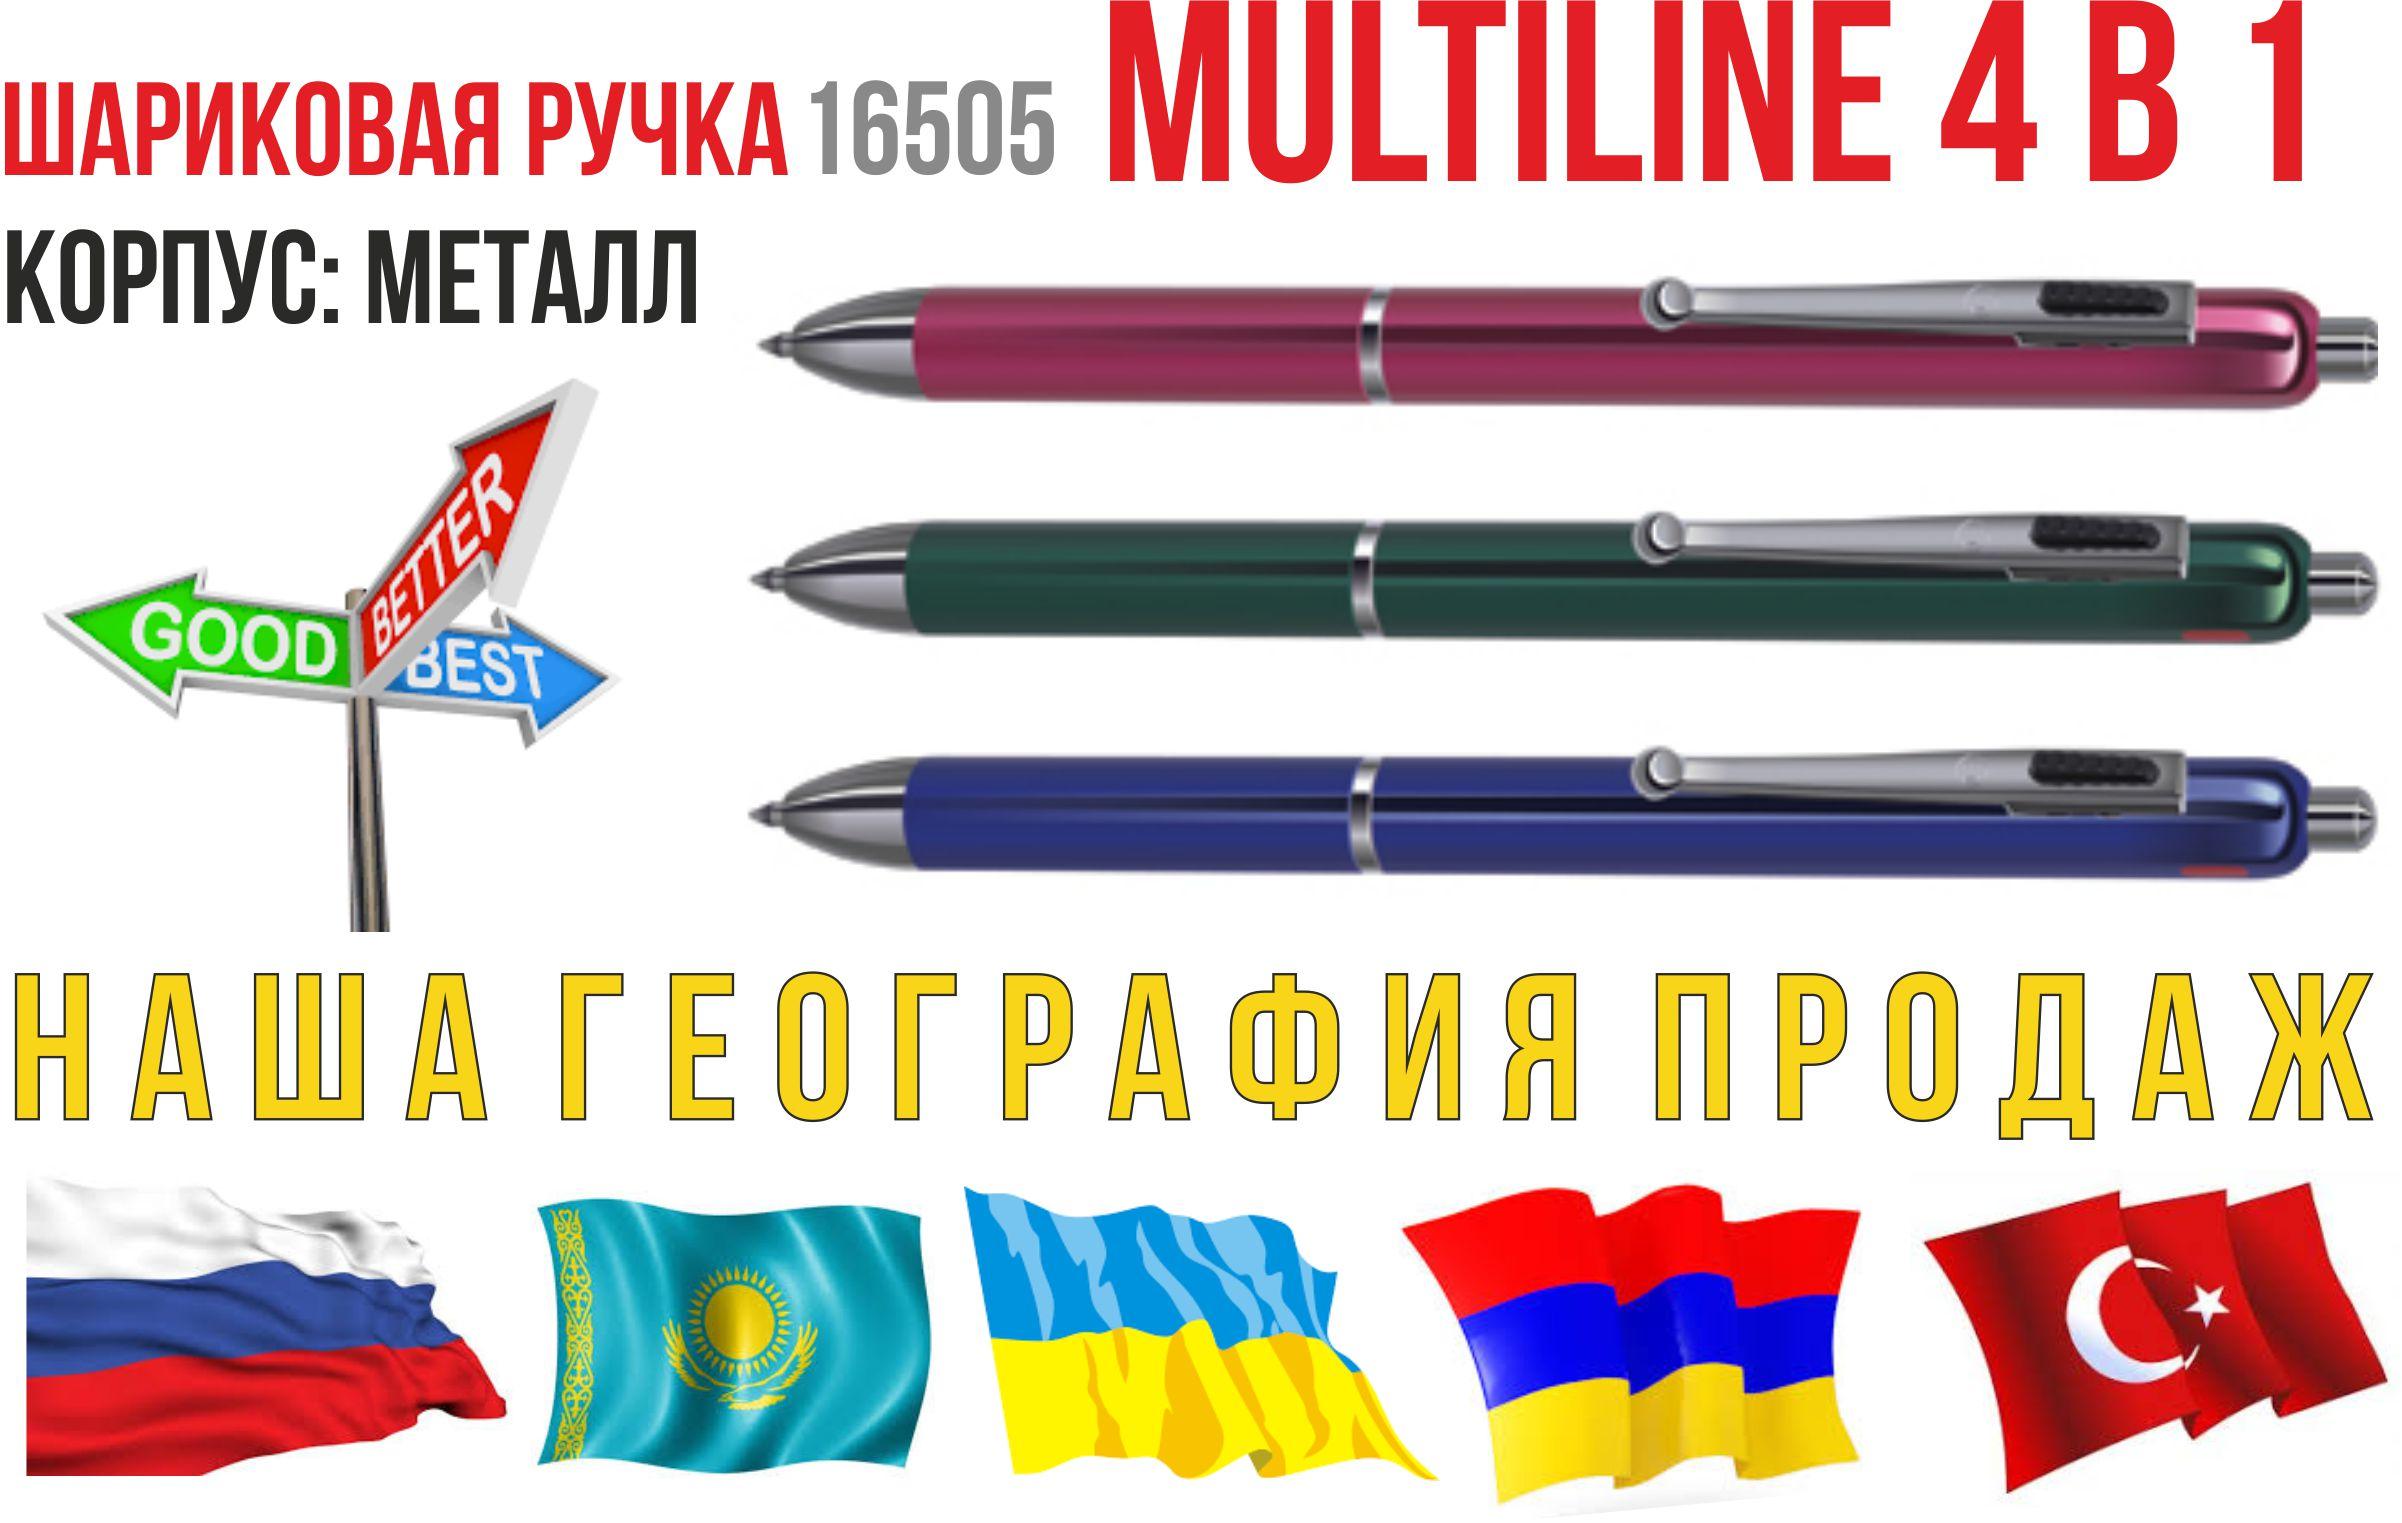 металлические ручки Multiline